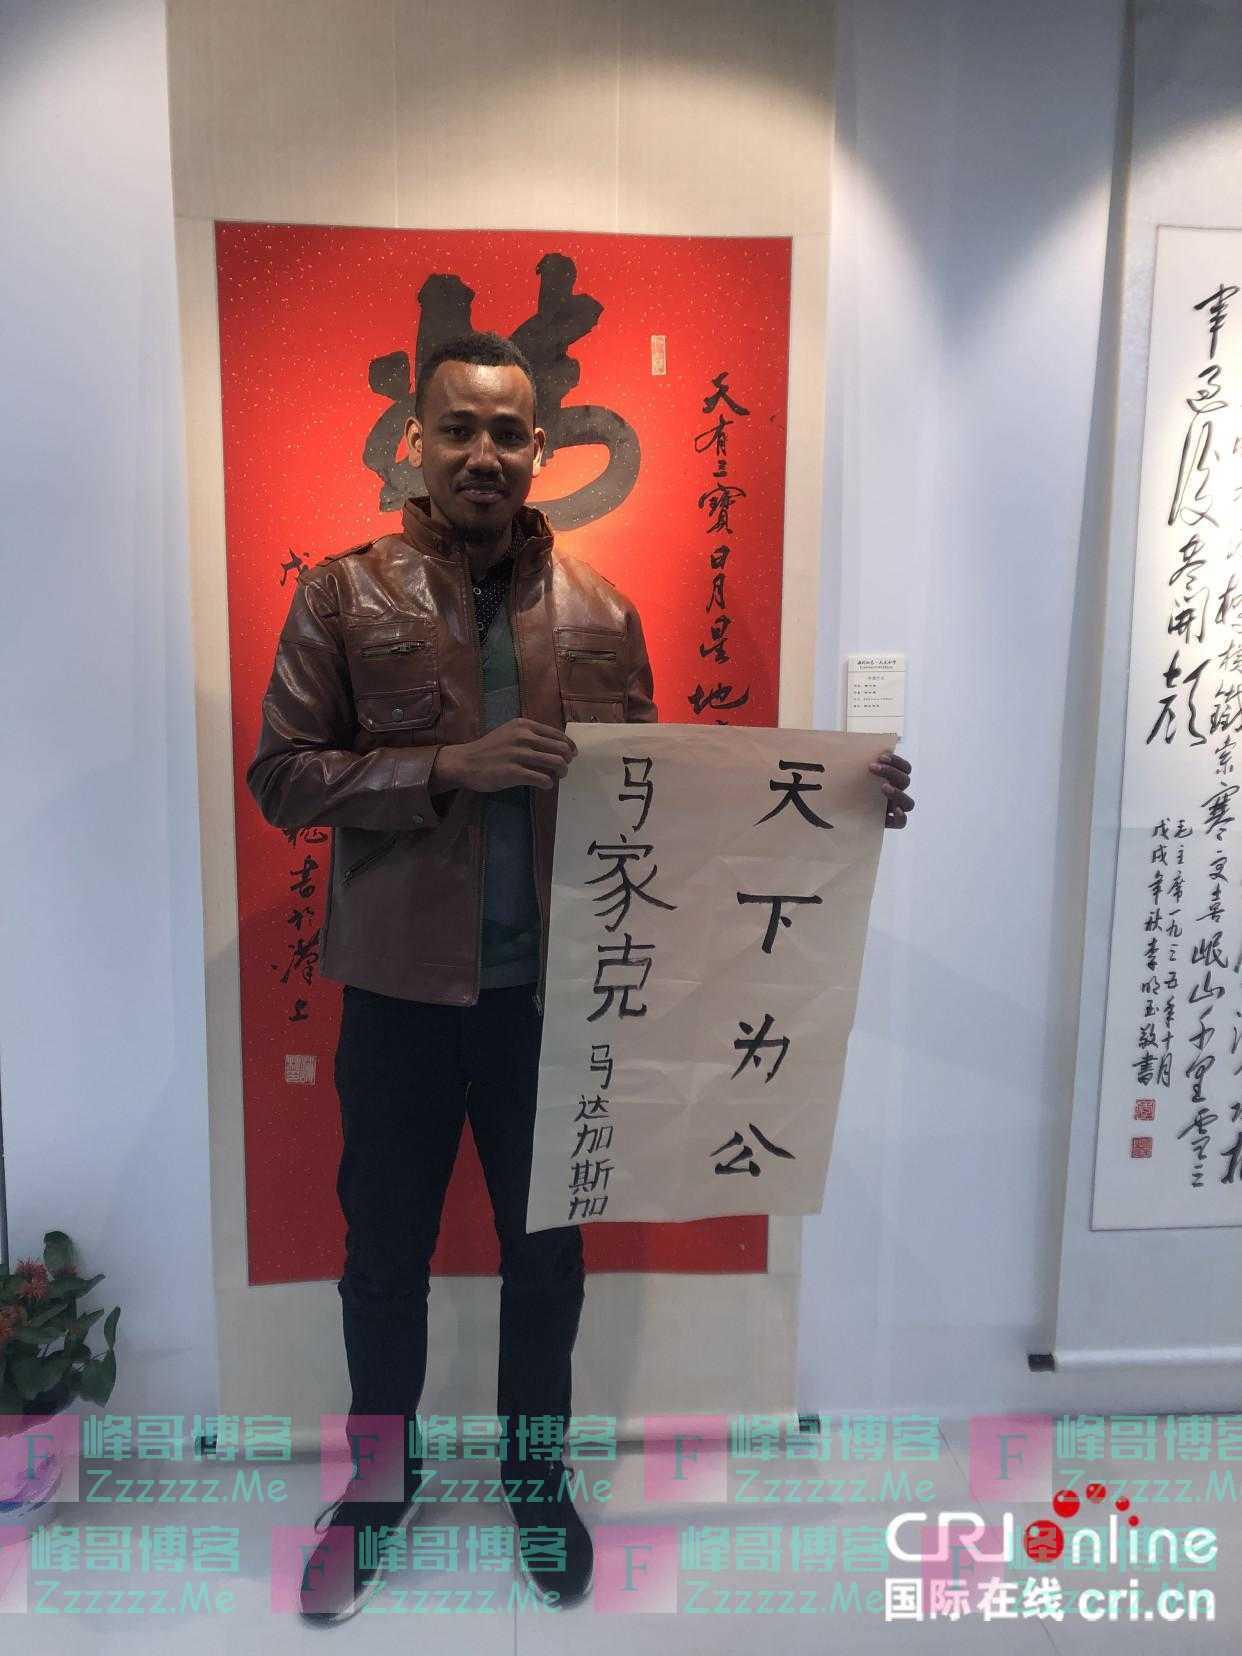 在华留学毕业生:中国的留学生活对我来说是美好的经历